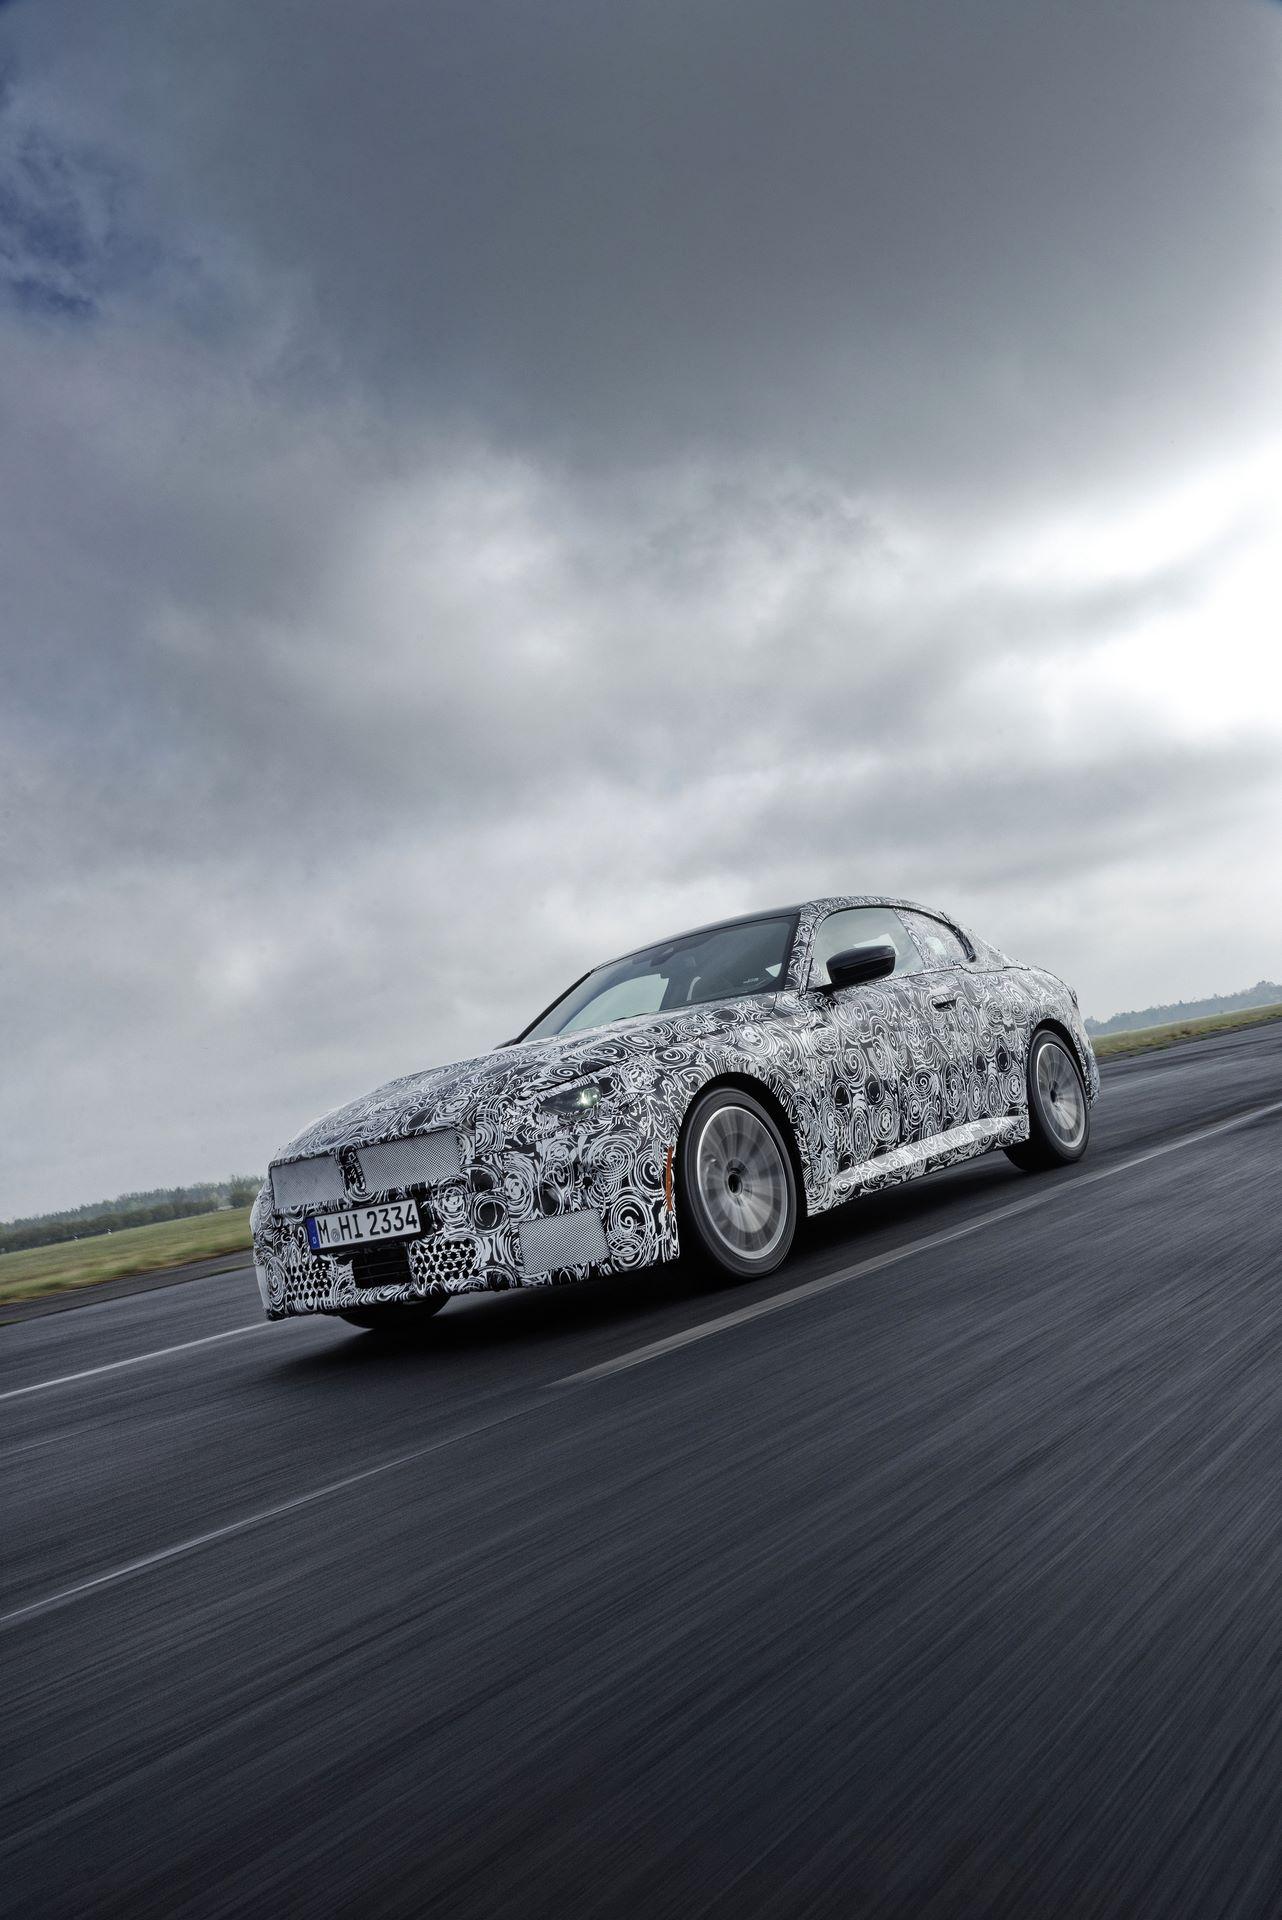 BMW-2-Series-M240i-spy-photos-4